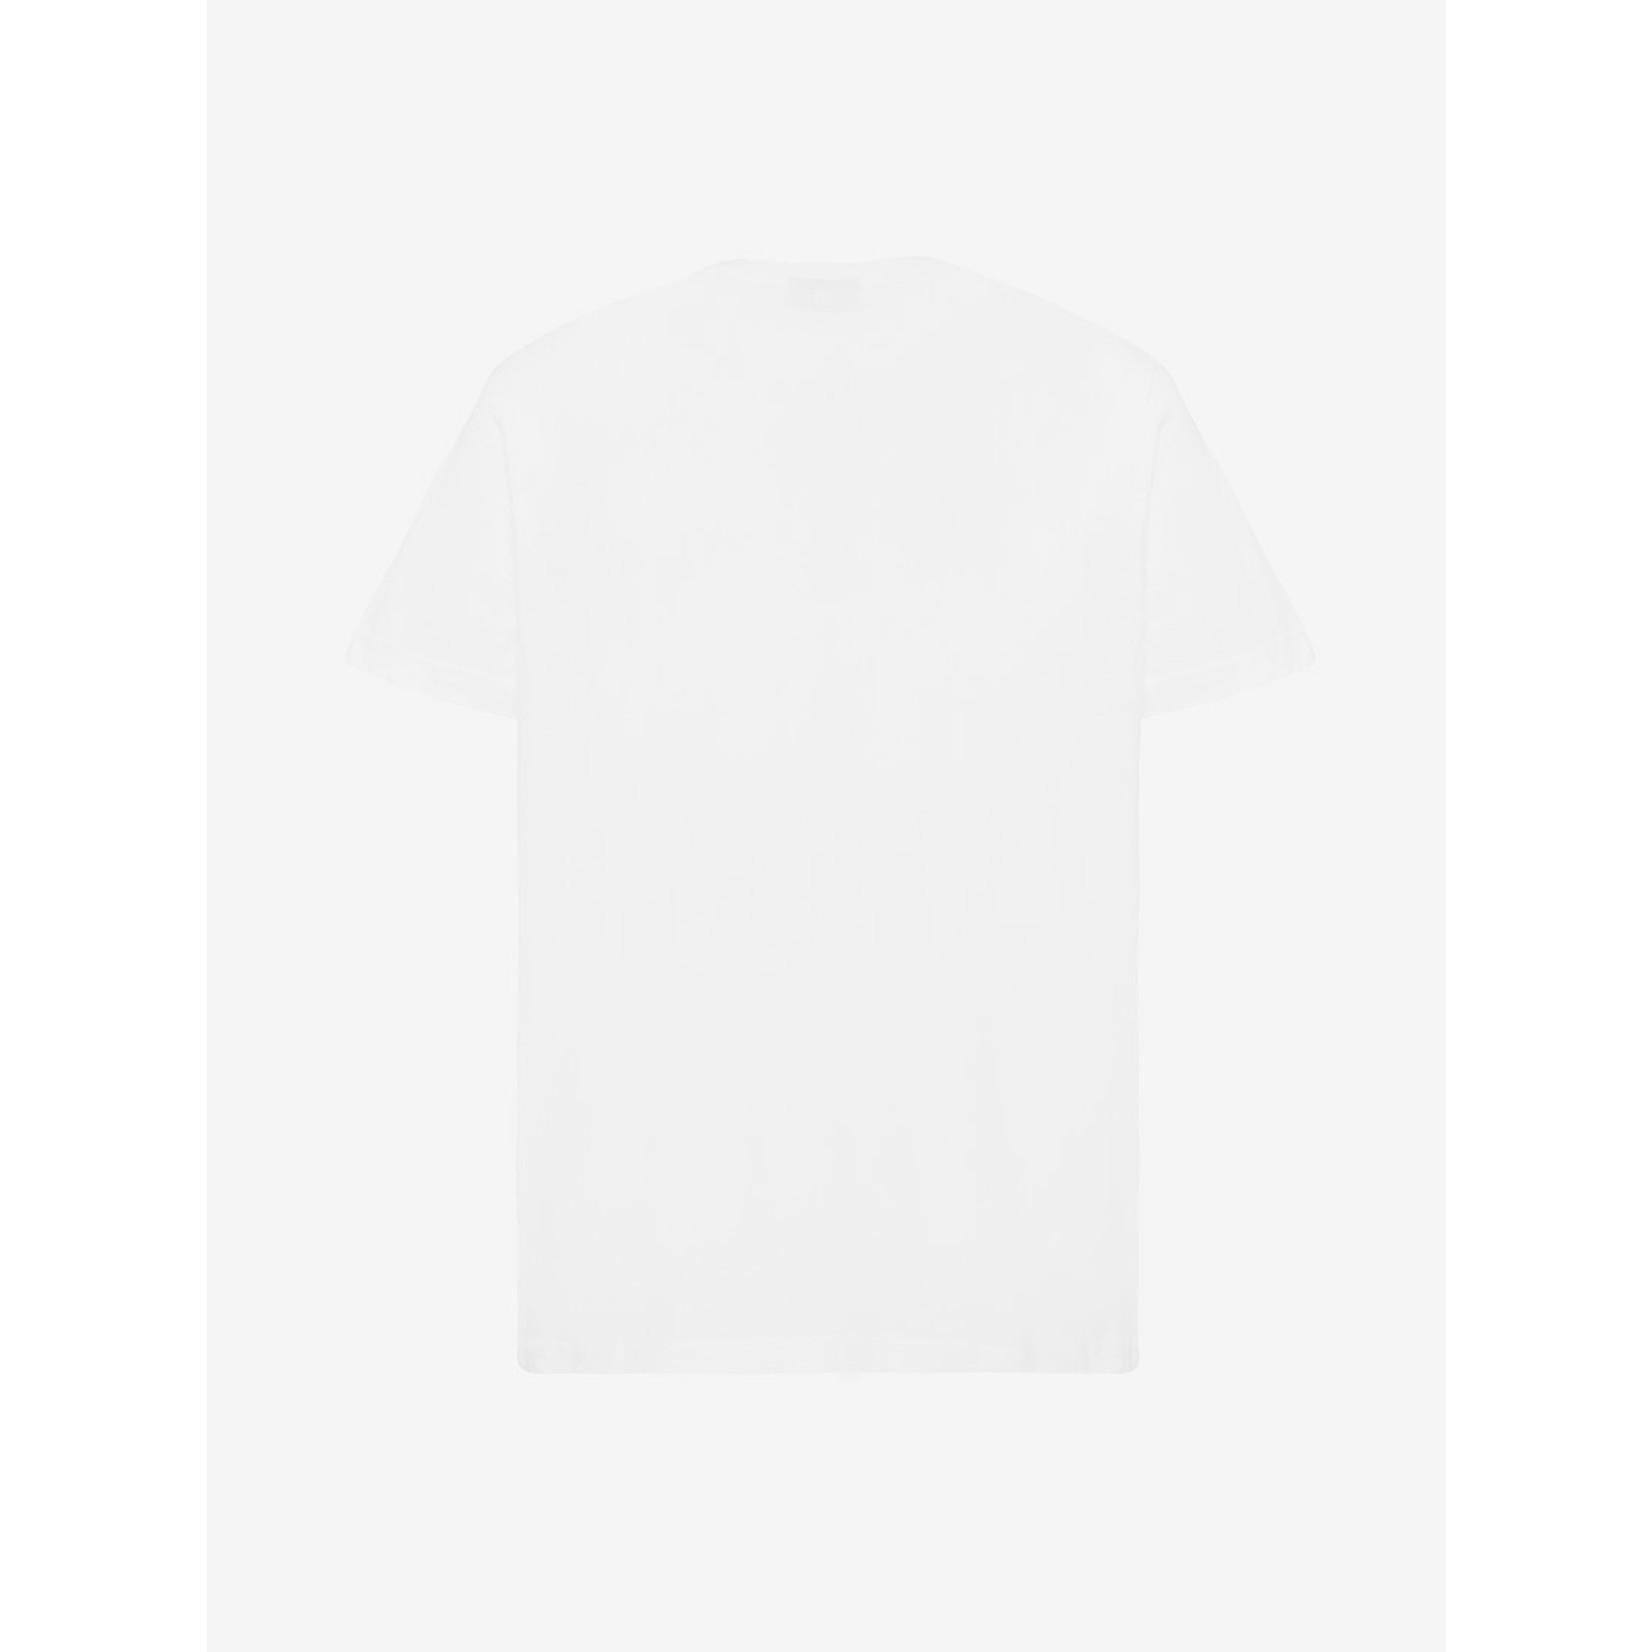 DIESEL DIESEL T-SHIRT DIEGOS K32 - WHITE